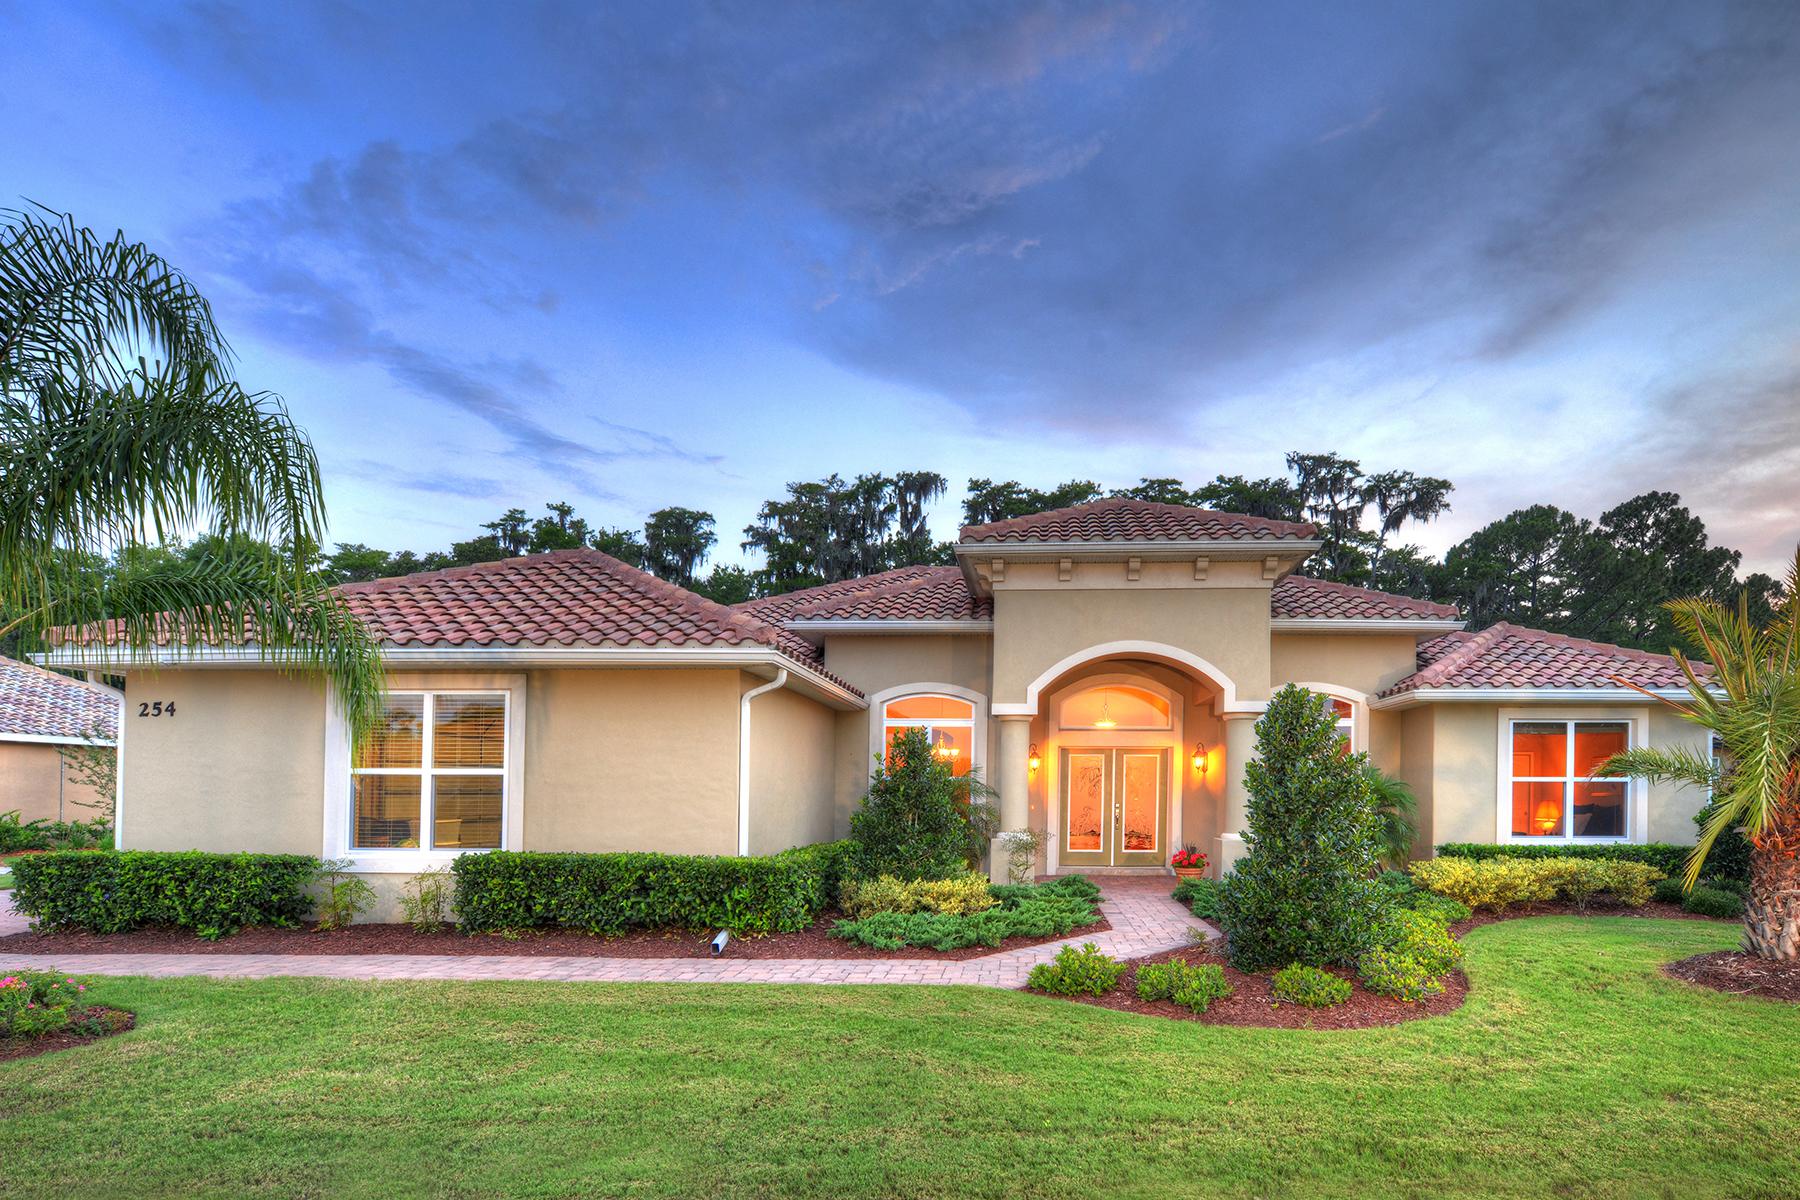 Casa para uma família para Venda às 254 Portofino Blvd , New Smyrna Beach, FL 32168 254 Portofino Blvd New Smyrna Beach, Florida, 32168 Estados Unidos